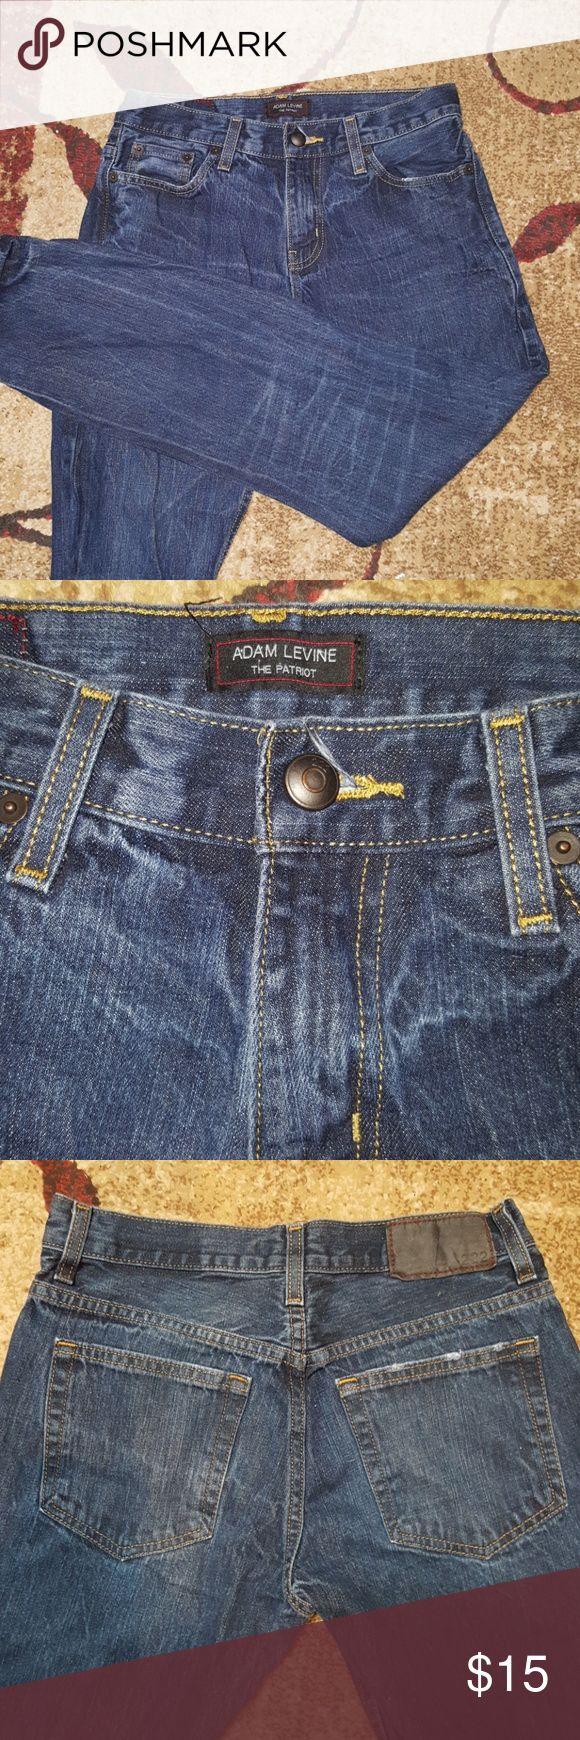 """Men's Jeans """"The Patriot"""" Adam Levine Skinny jeans men's Adam Levine Brand. Excellent condition. 29wx30l Adam Levine Collection Jeans"""